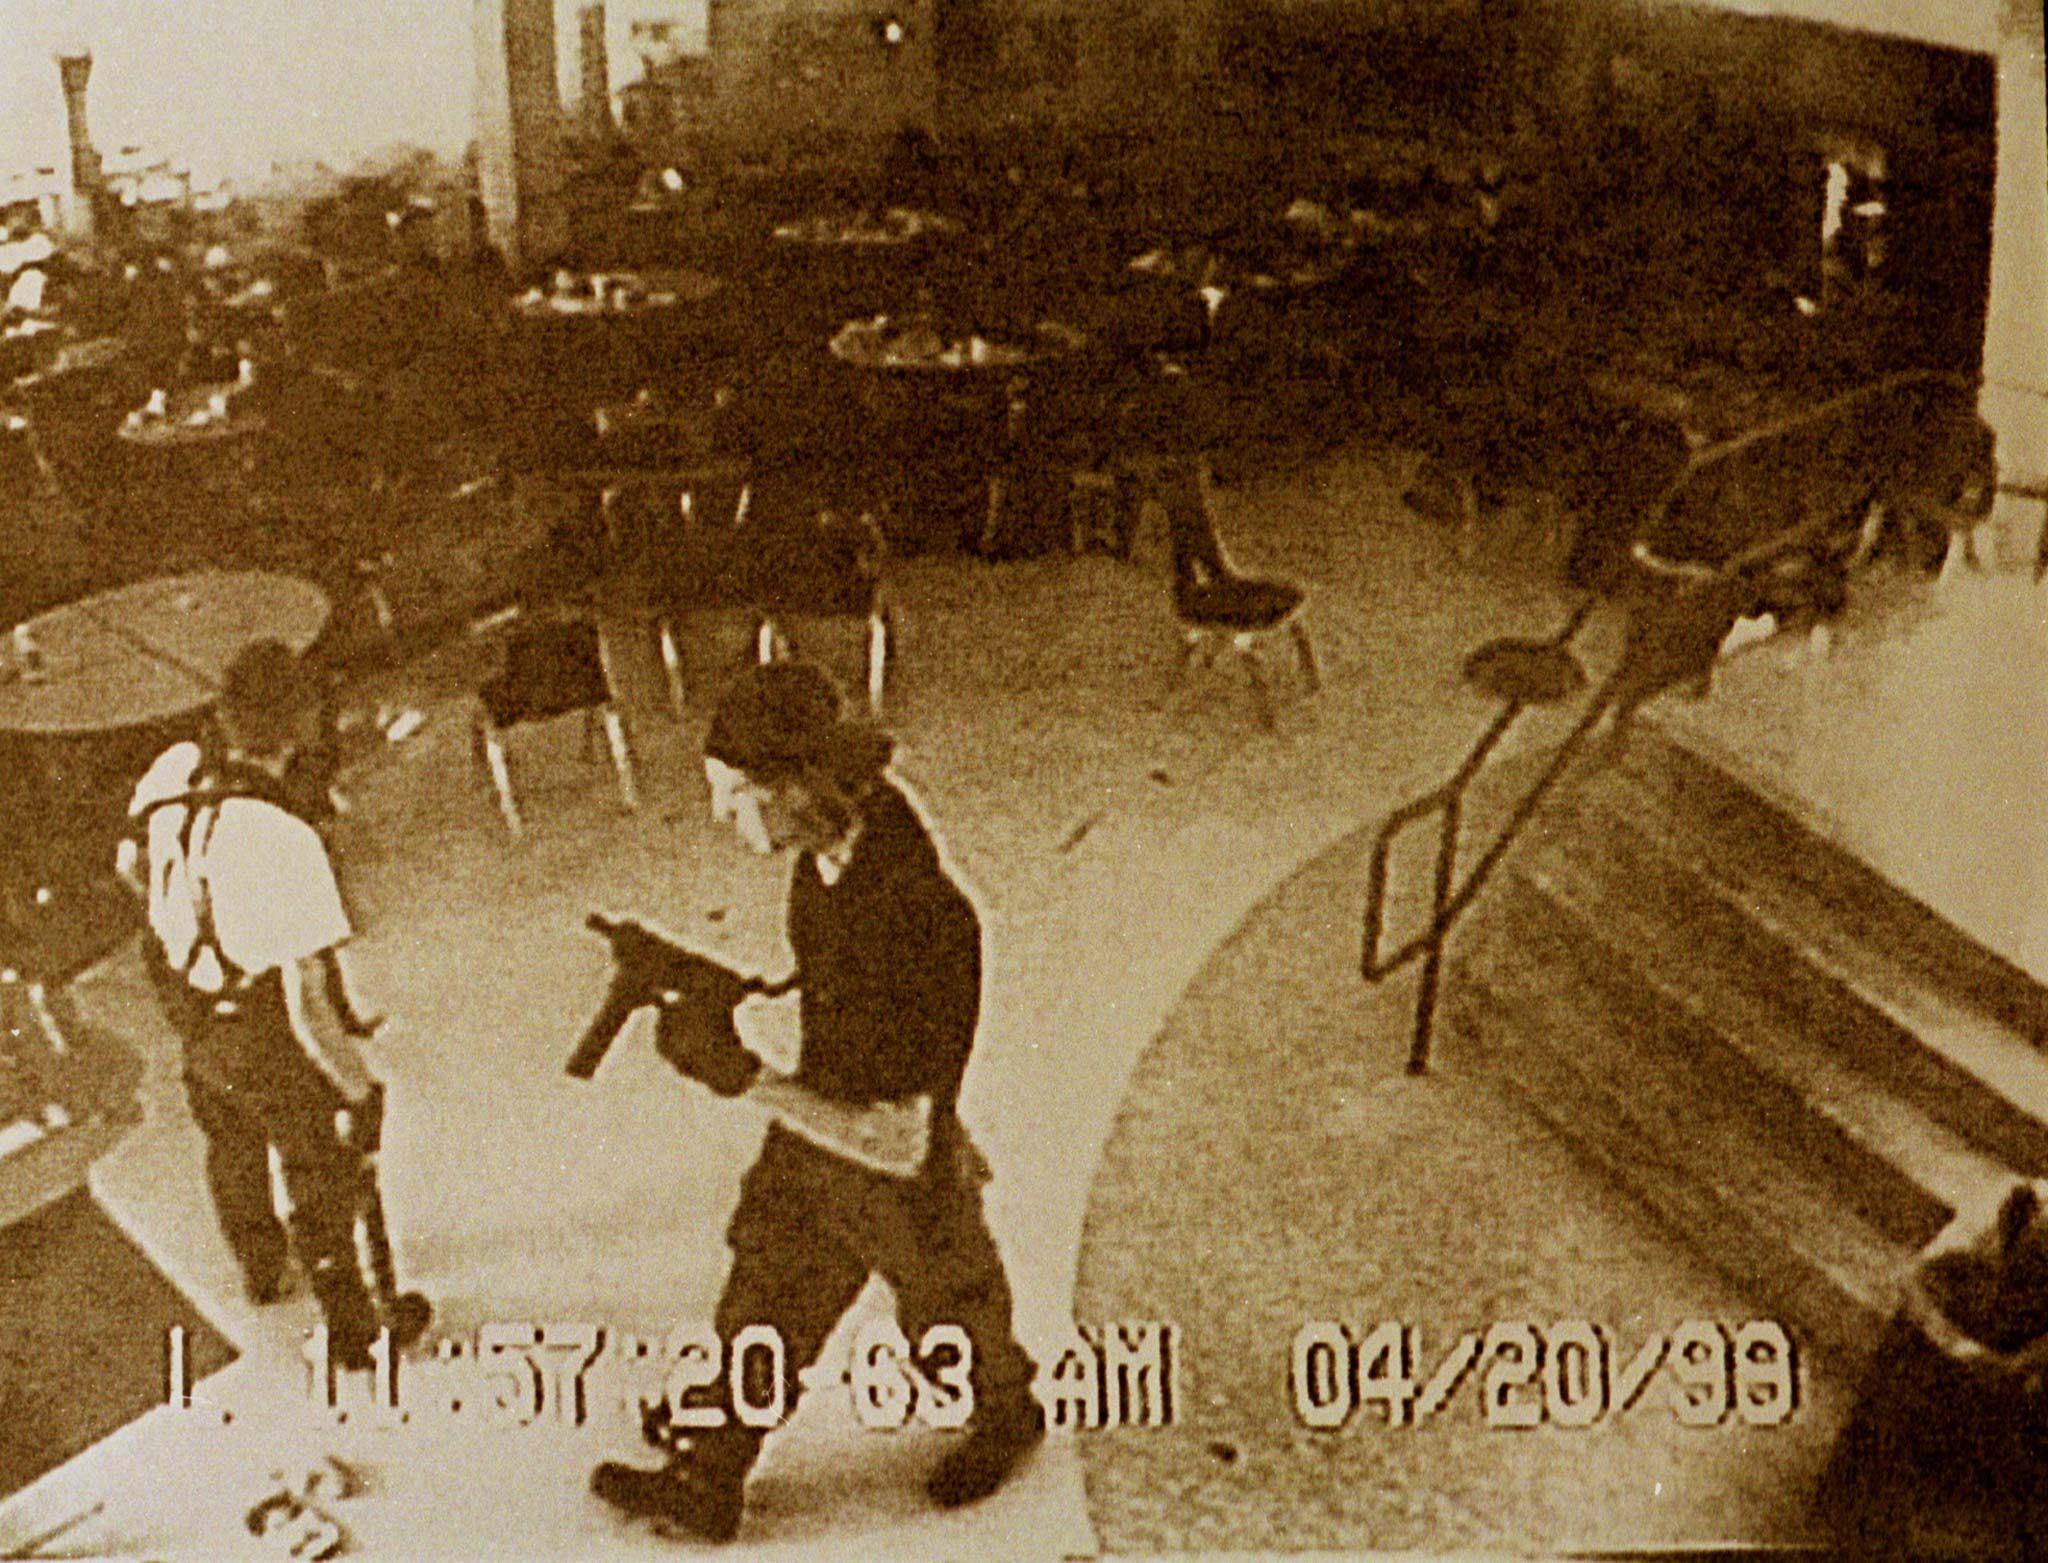 9-25-14 Columbine Shooter 1